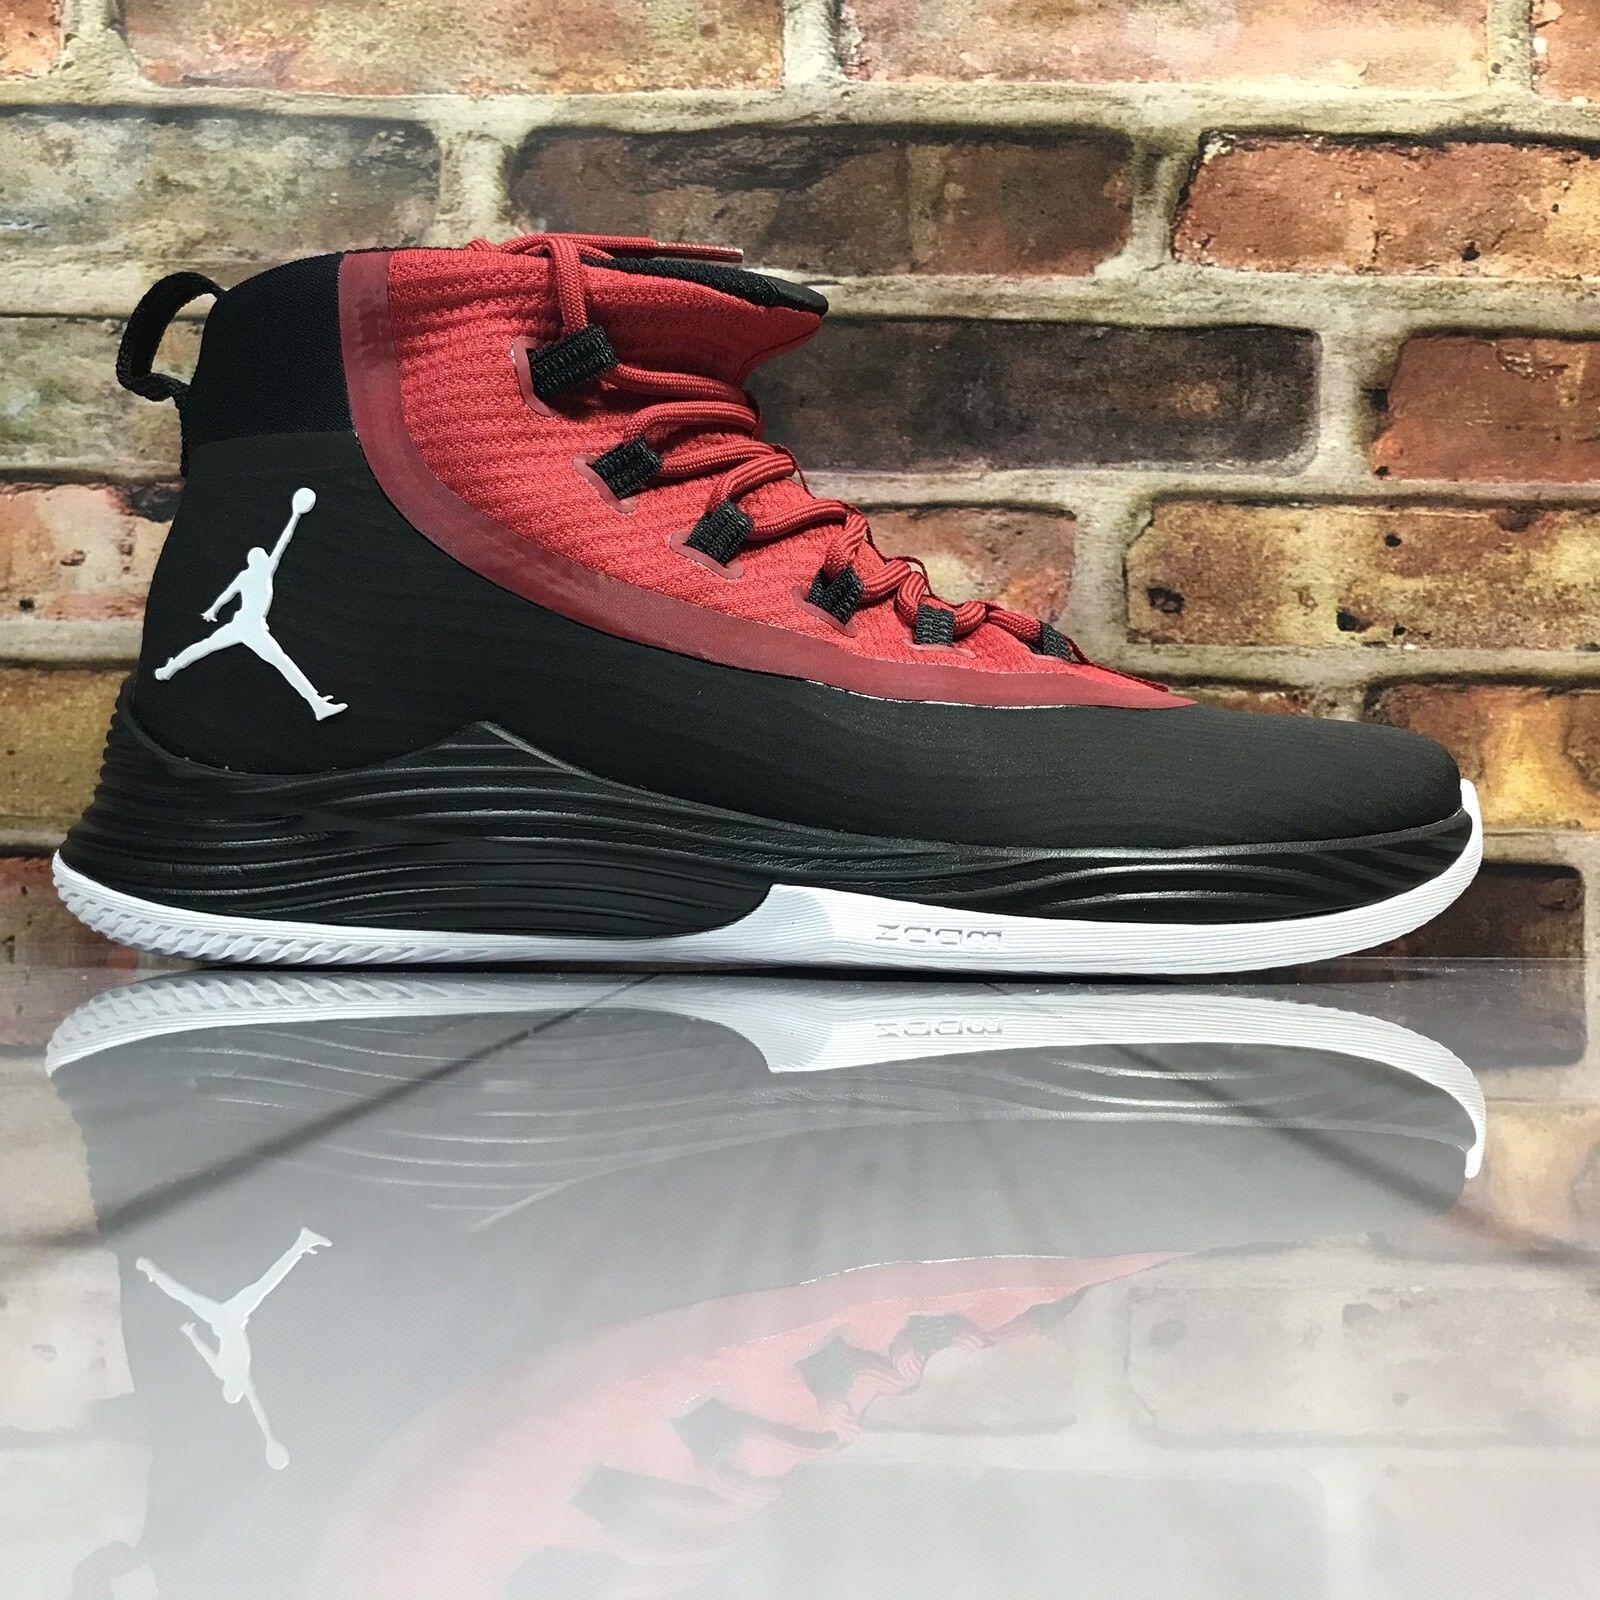 la jordanie ultra voler 2 Noir blanc  blanc Noir rouge taille 10,5 baskeball gym 897998 001 chaussures pour hommes 690d4c